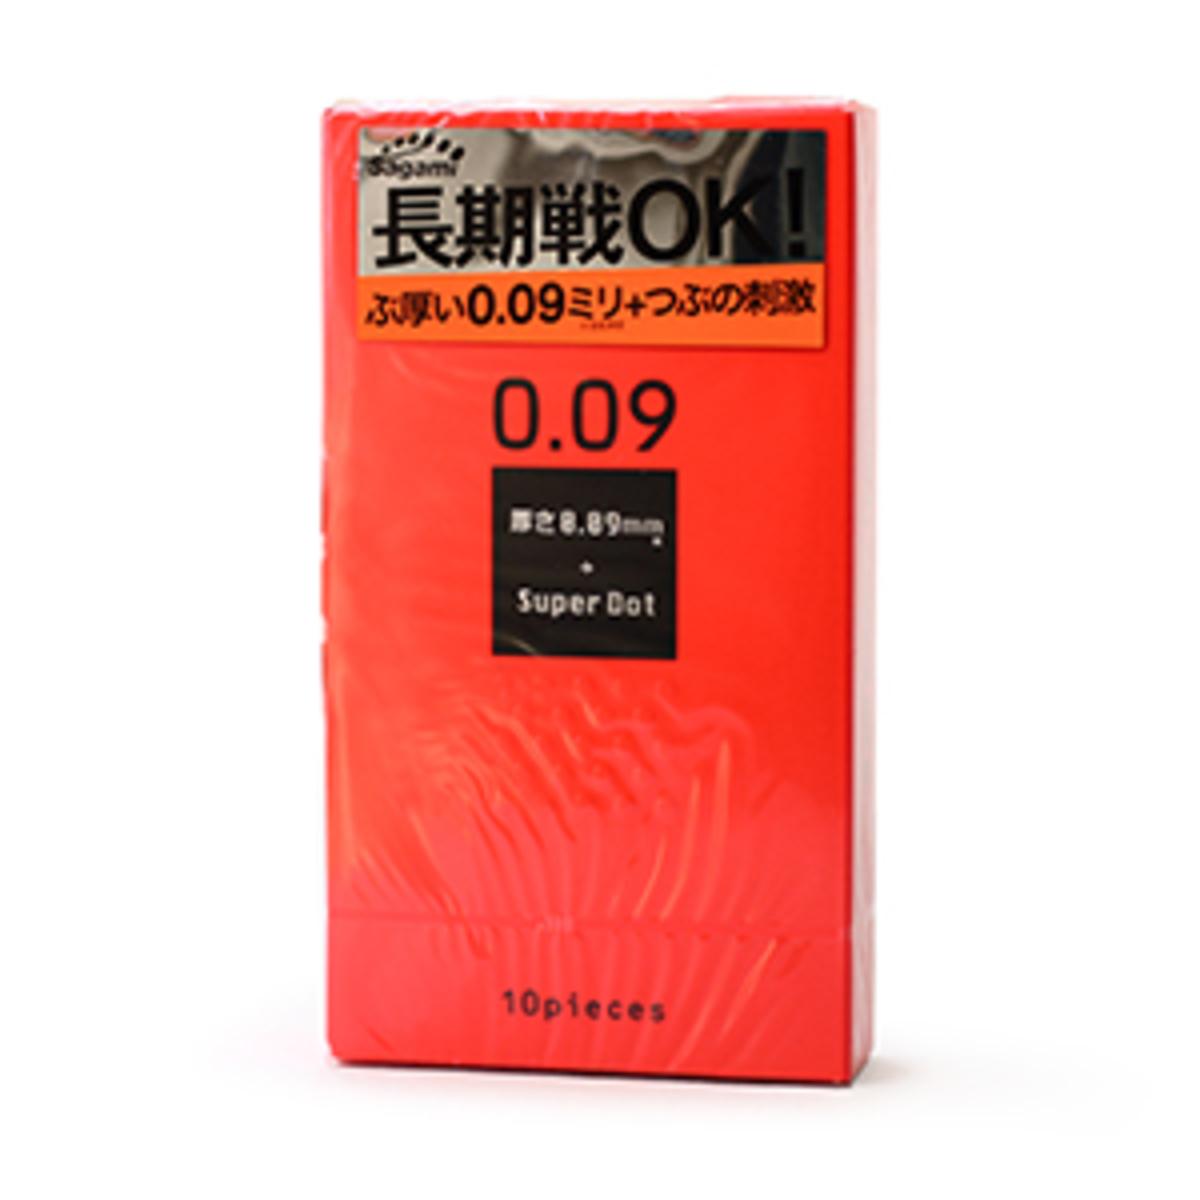 Sagami 0.09 Dots Delay Latex Condom(10pcs)